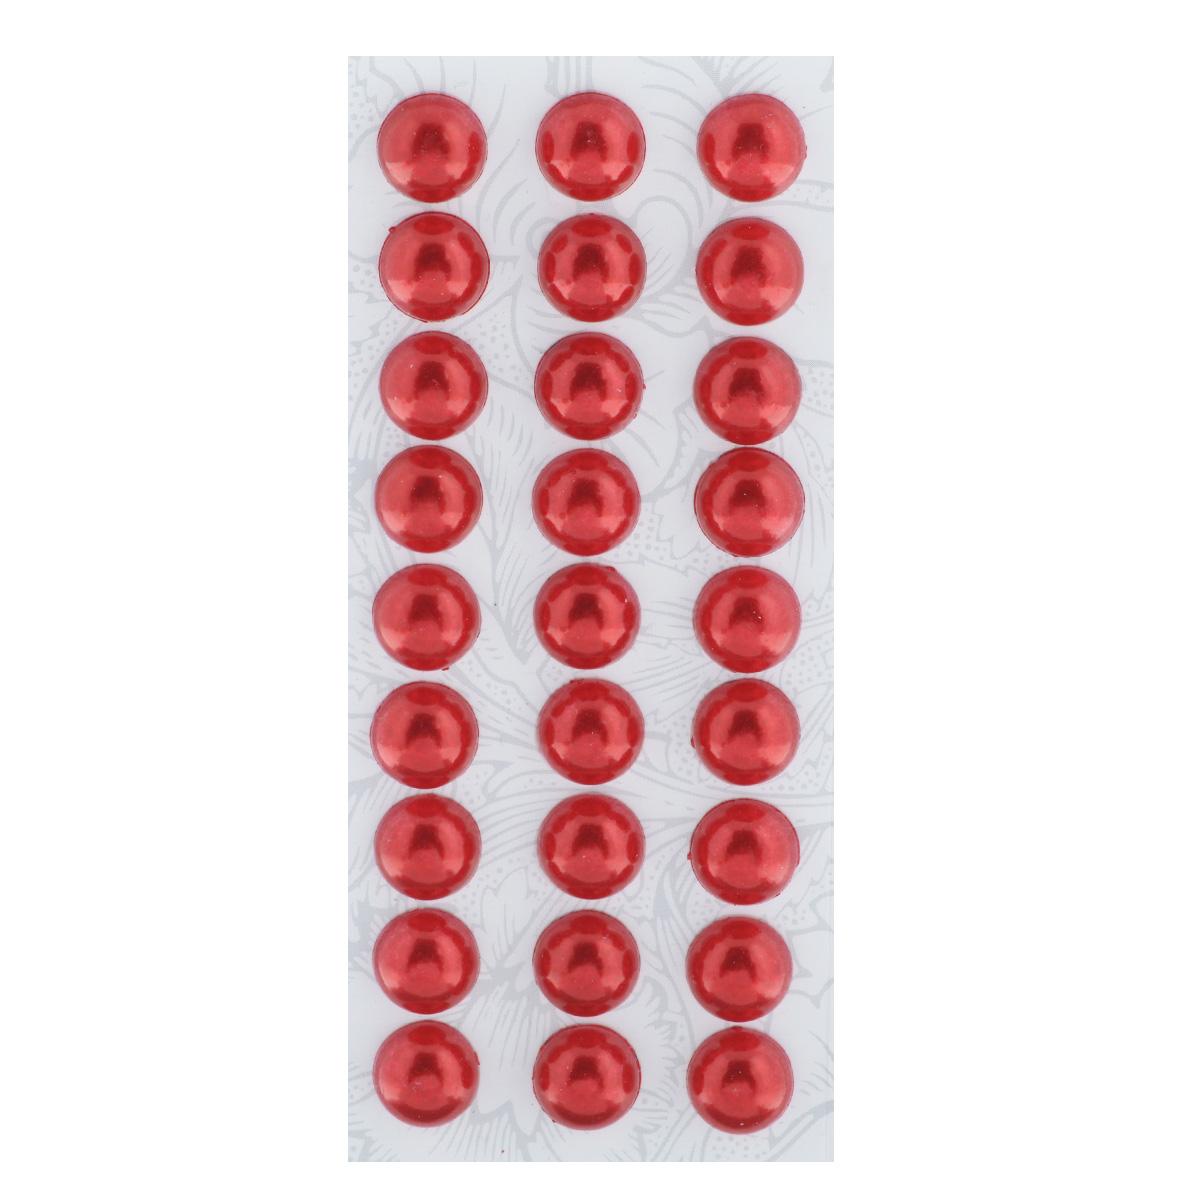 Наклейки декоративные Астра, цвет: красный (1), диаметр 10 мм, 27 шт7704129_1Декоративные наклейки Астра, изготовленные из пластика, прекрасно подойдут для оформления творческих работ в технике скрапбукинга. Их можно использовать для украшения фотоальбомов, скрап-страничек, подарков, конвертов, фоторамок, открыток и т.д. Объемные наклейки круглой формы оснащены задней клейкой стороной. Скрапбукинг - это хобби, которое способно приносить массу приятных эмоций не только человеку, который этим занимается, но и его близким, друзьям, родным. Это невероятно увлекательное занятие, которое поможет вам сохранить наиболее памятные и яркие моменты вашей жизни, а также интересно оформить интерьер дома. Диаметр наклейки: 10 мм.